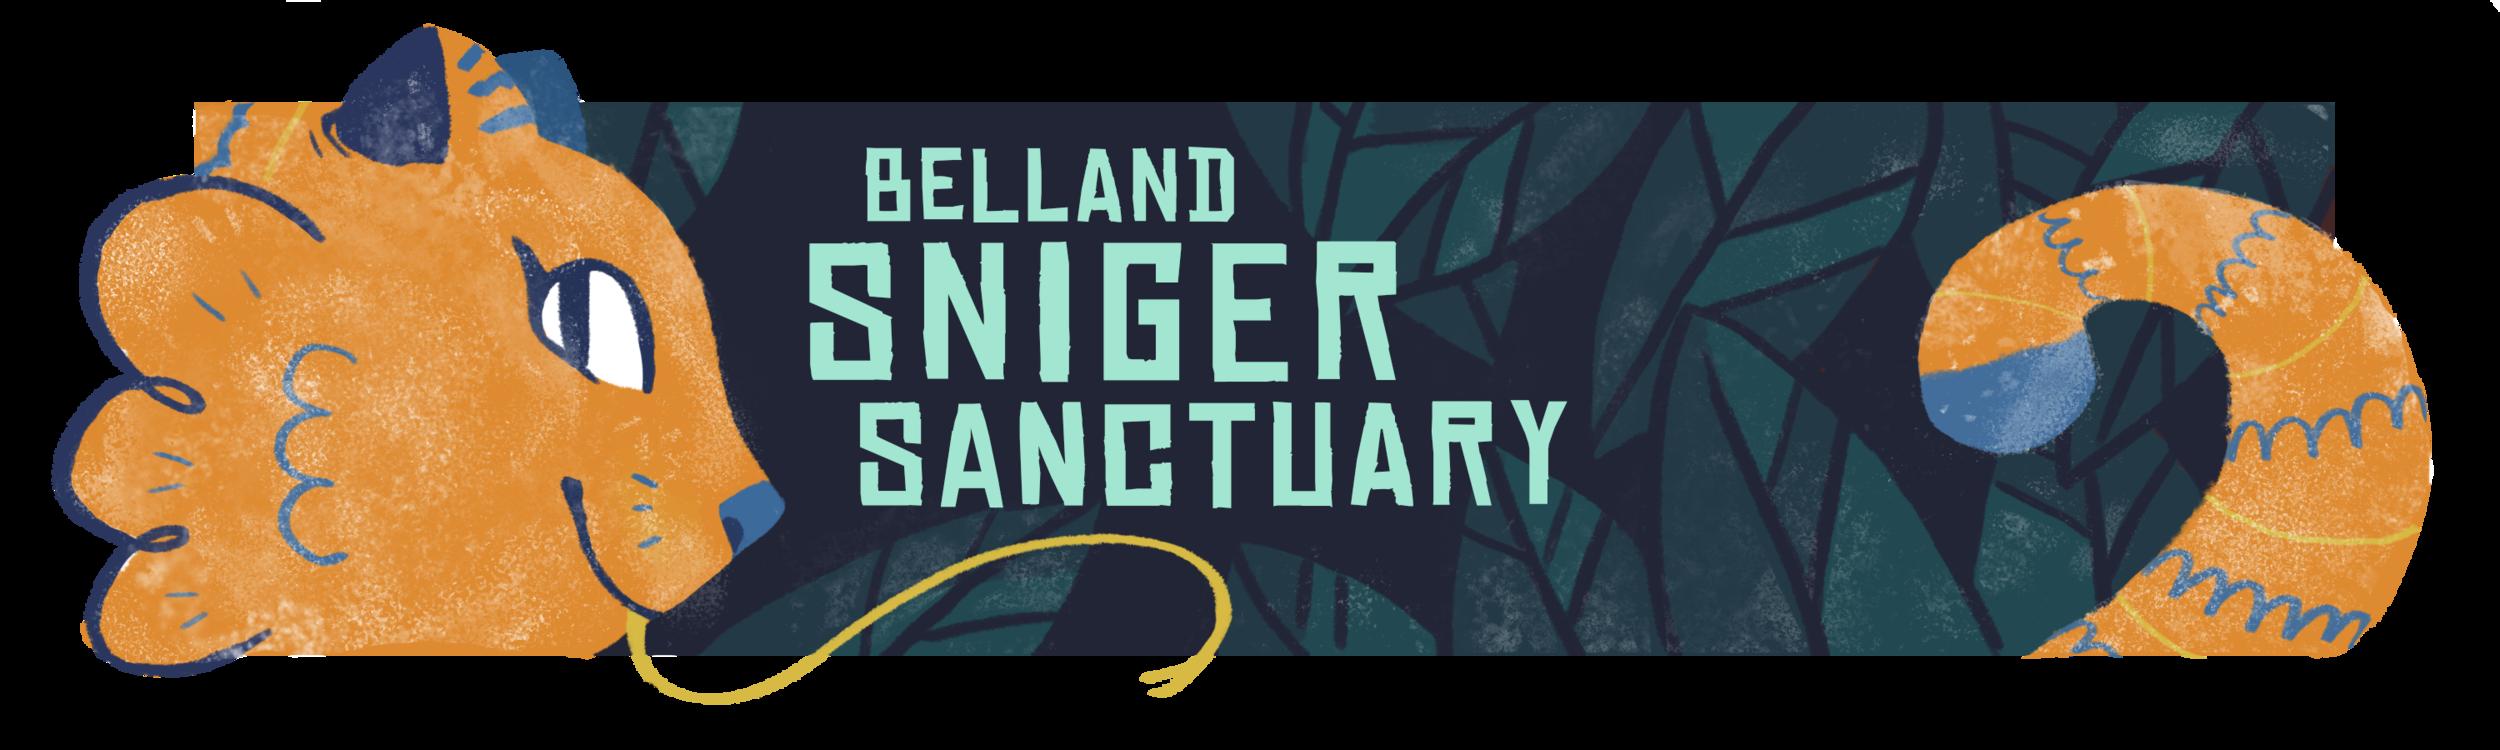 Belland Sniger Sanctuary.  Banner for the Ignite film website, modeled after wildlife preserves. digital. 3x10in.